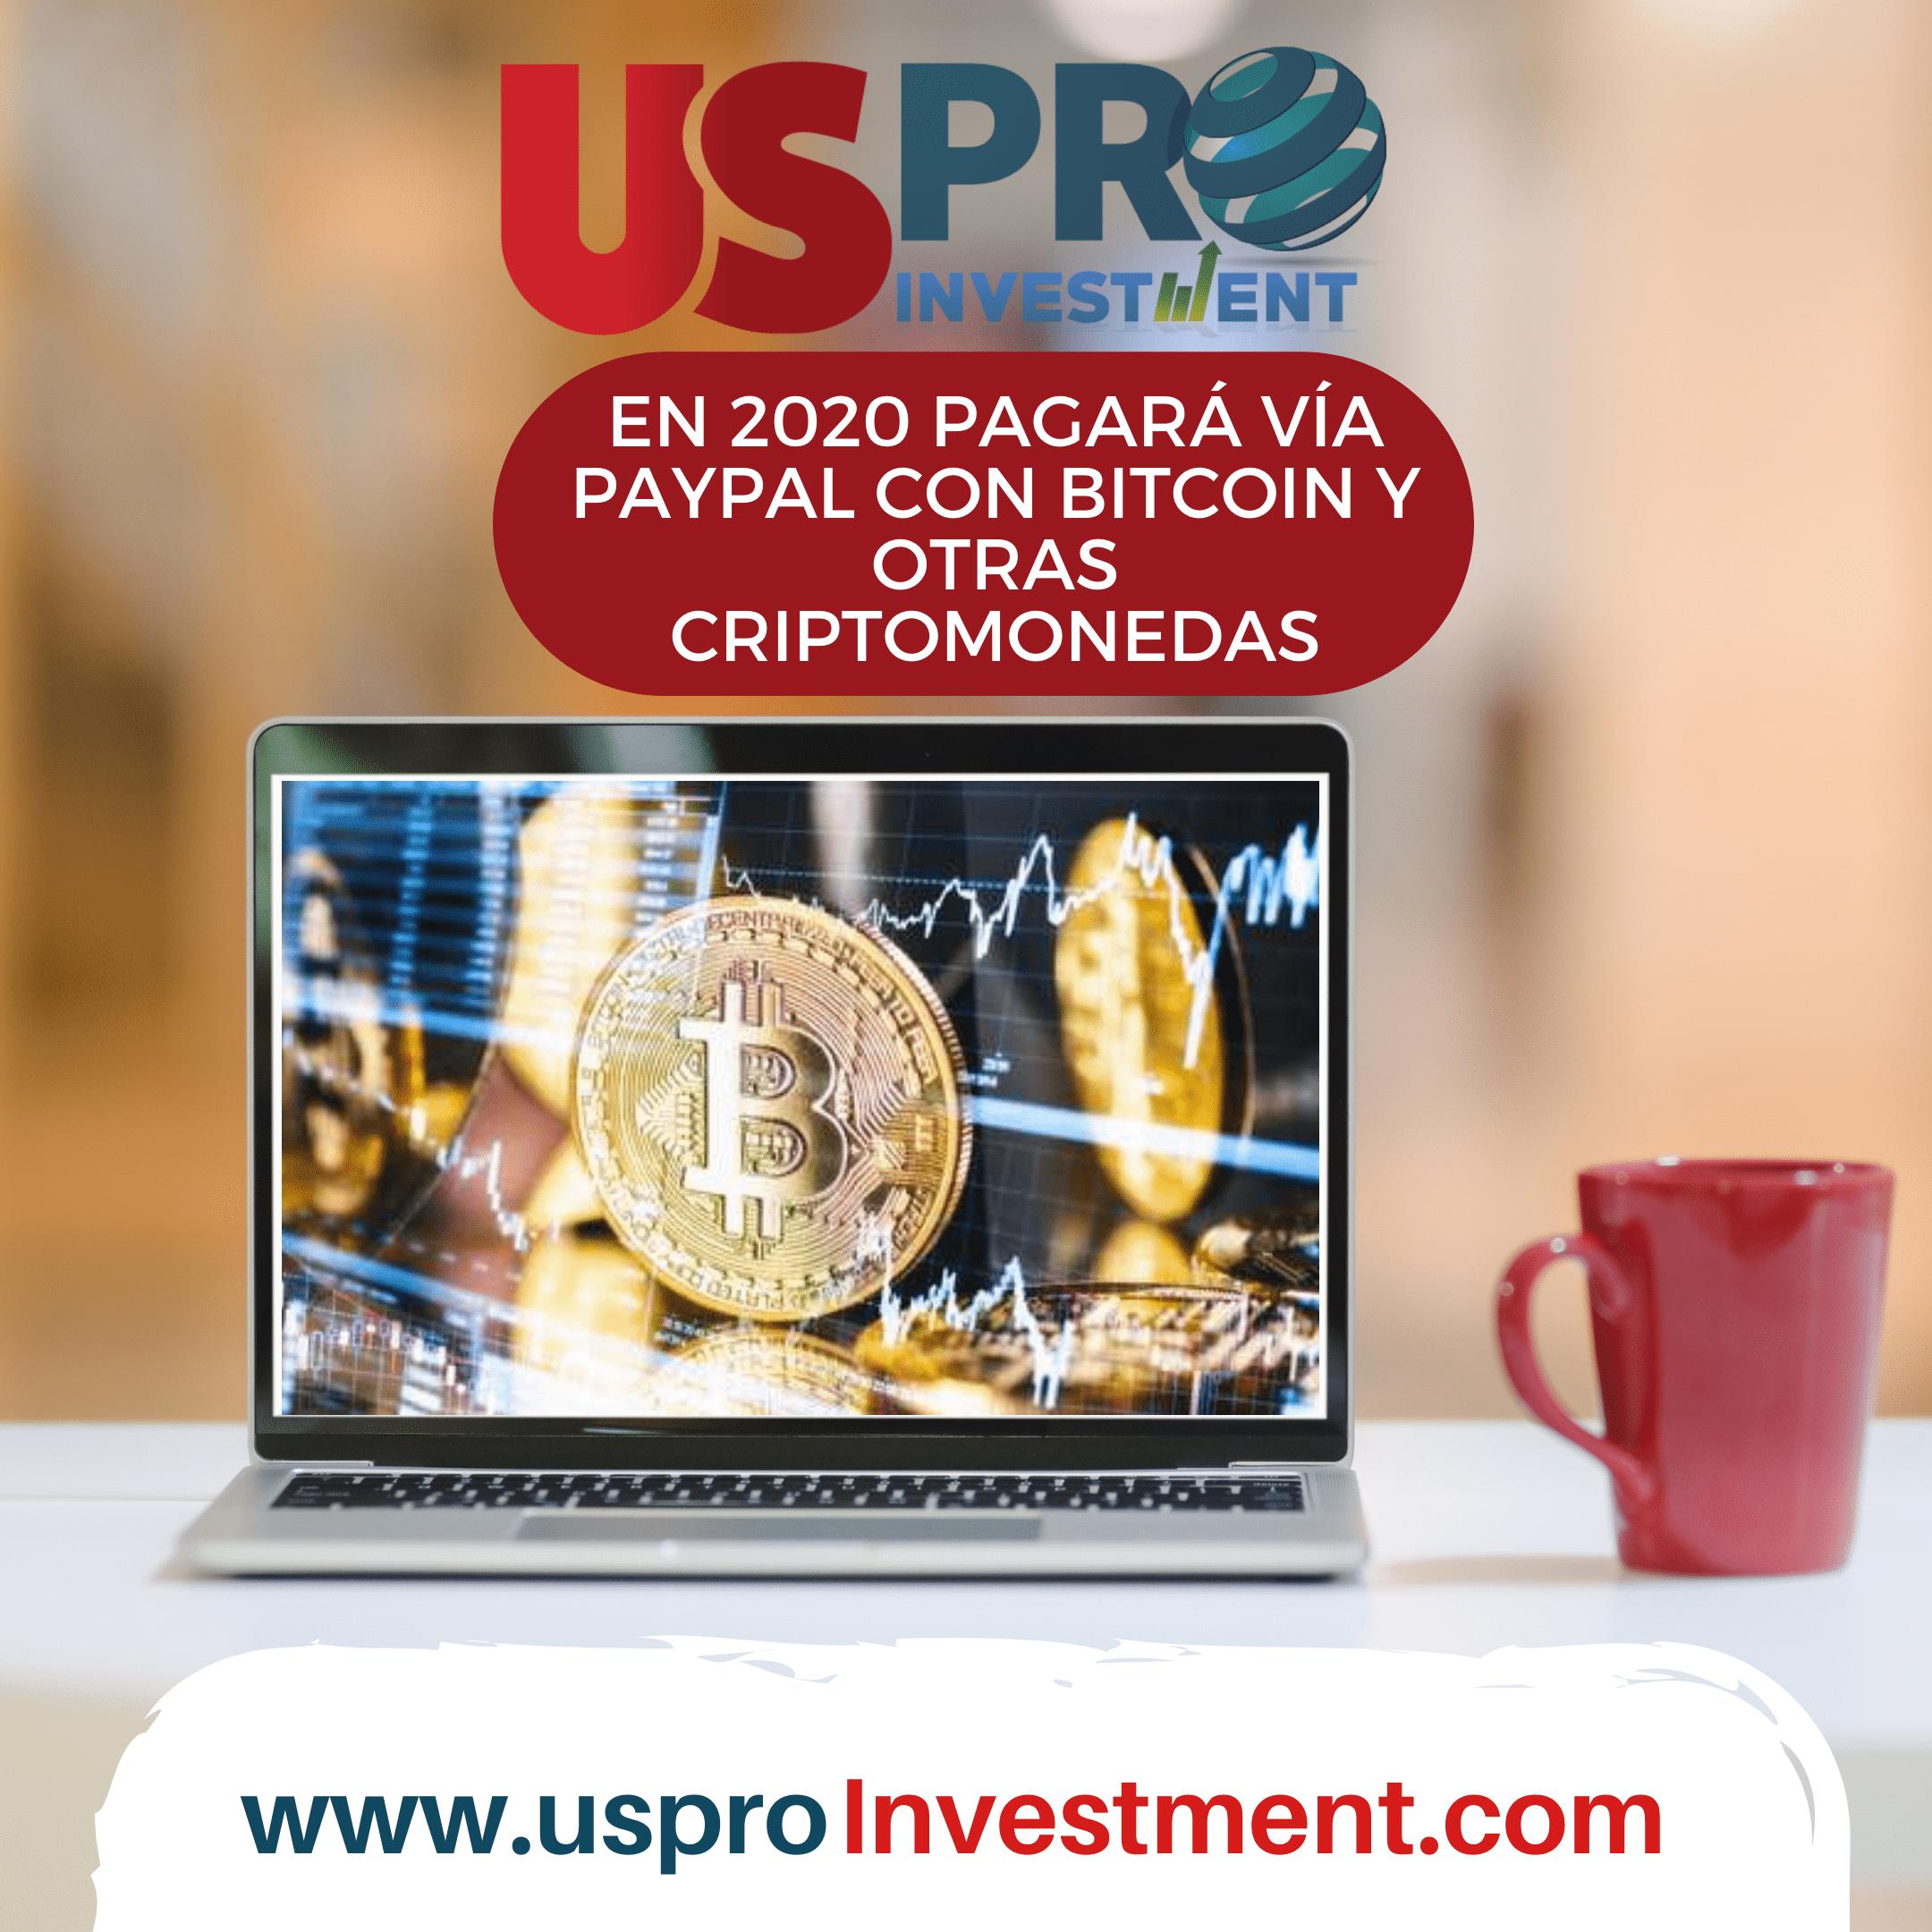 En 2020 pagará vía PayPal con Bitcoin y otras Criptomonedas